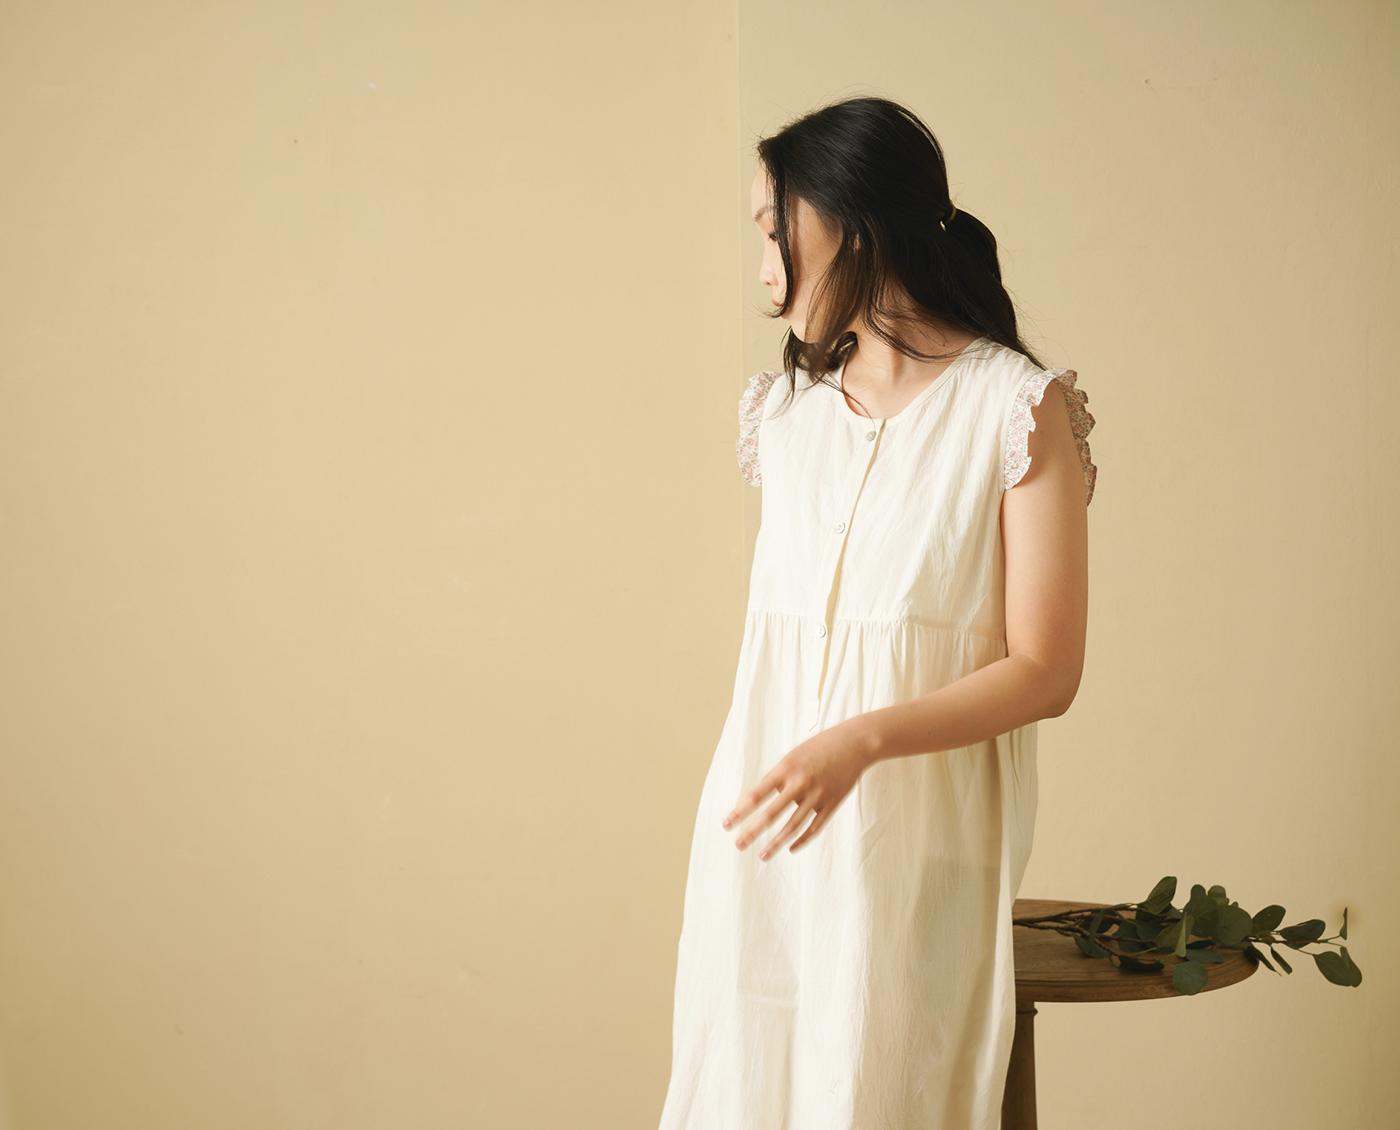 핸드메이드 광목 여성 실내복 민소매 원피스/100% 핸드메이드 광목 여성 실내복 민소매 원피스 상세이미지4